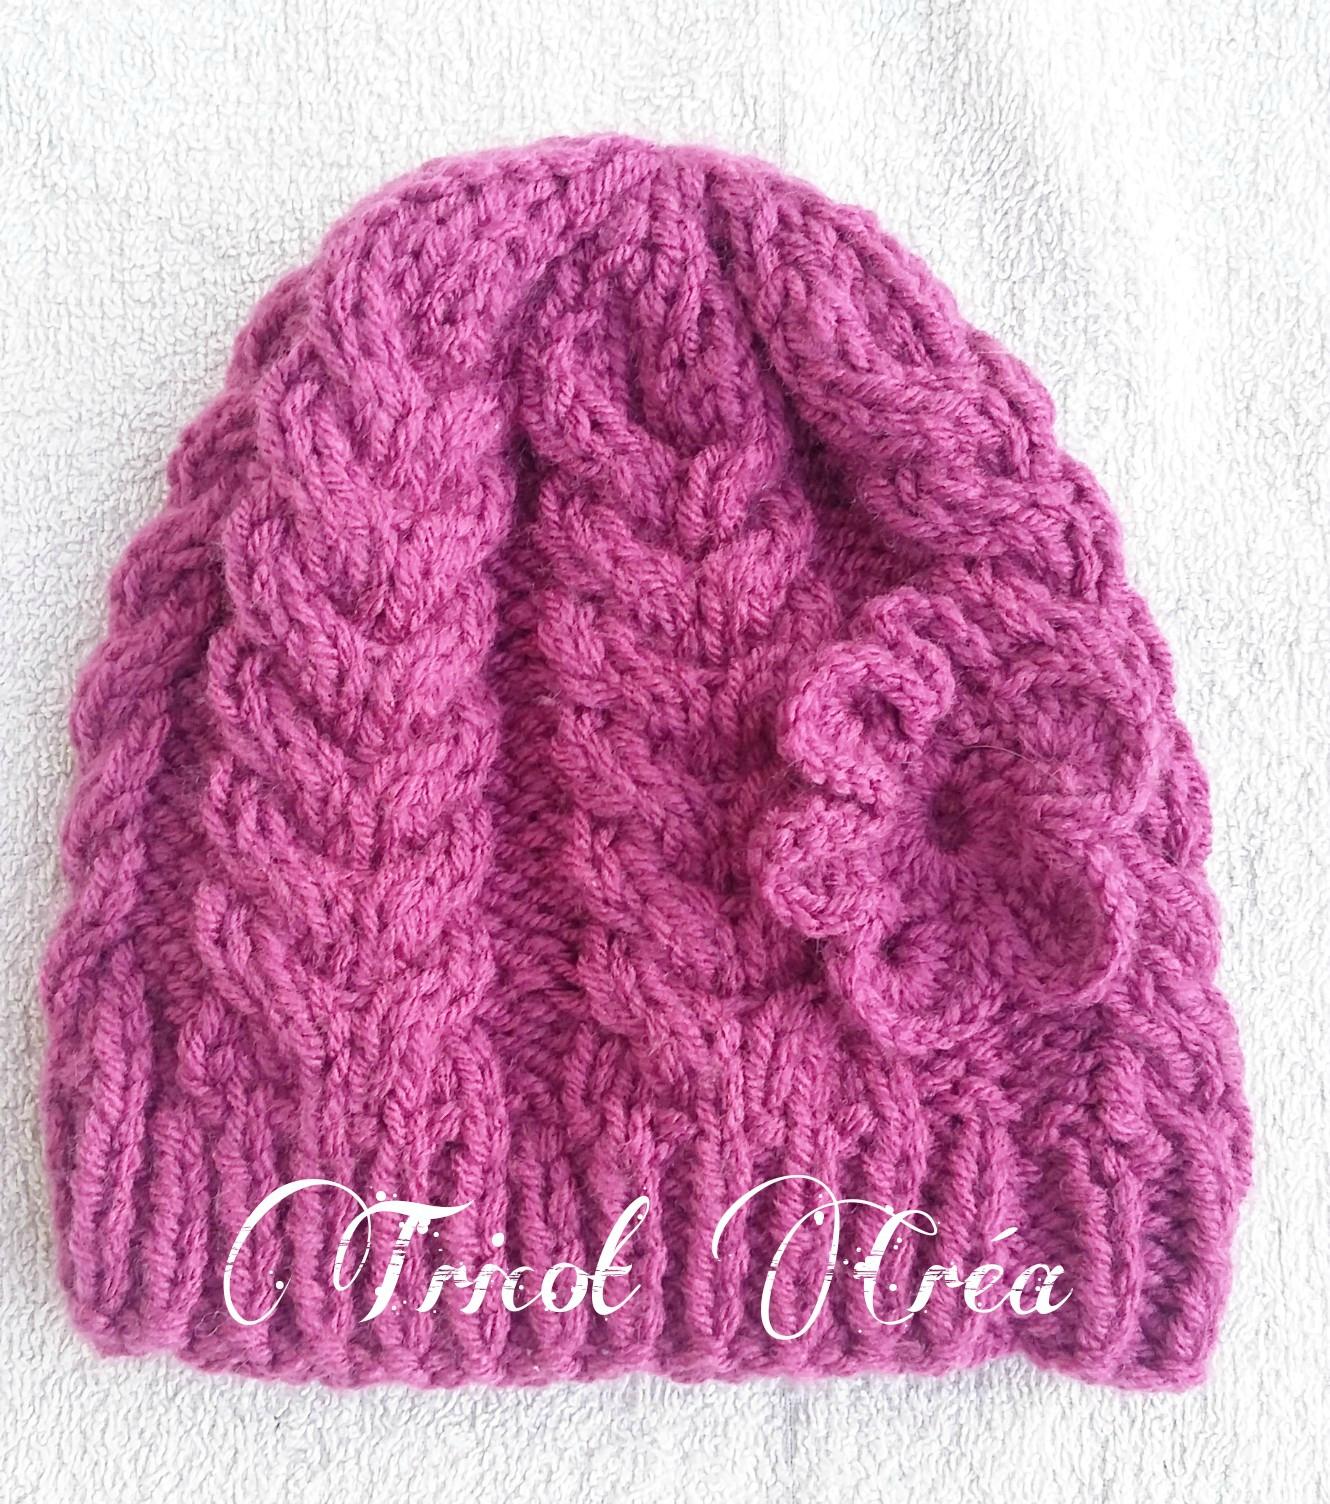 Tricot bonnet bebe pour debutant